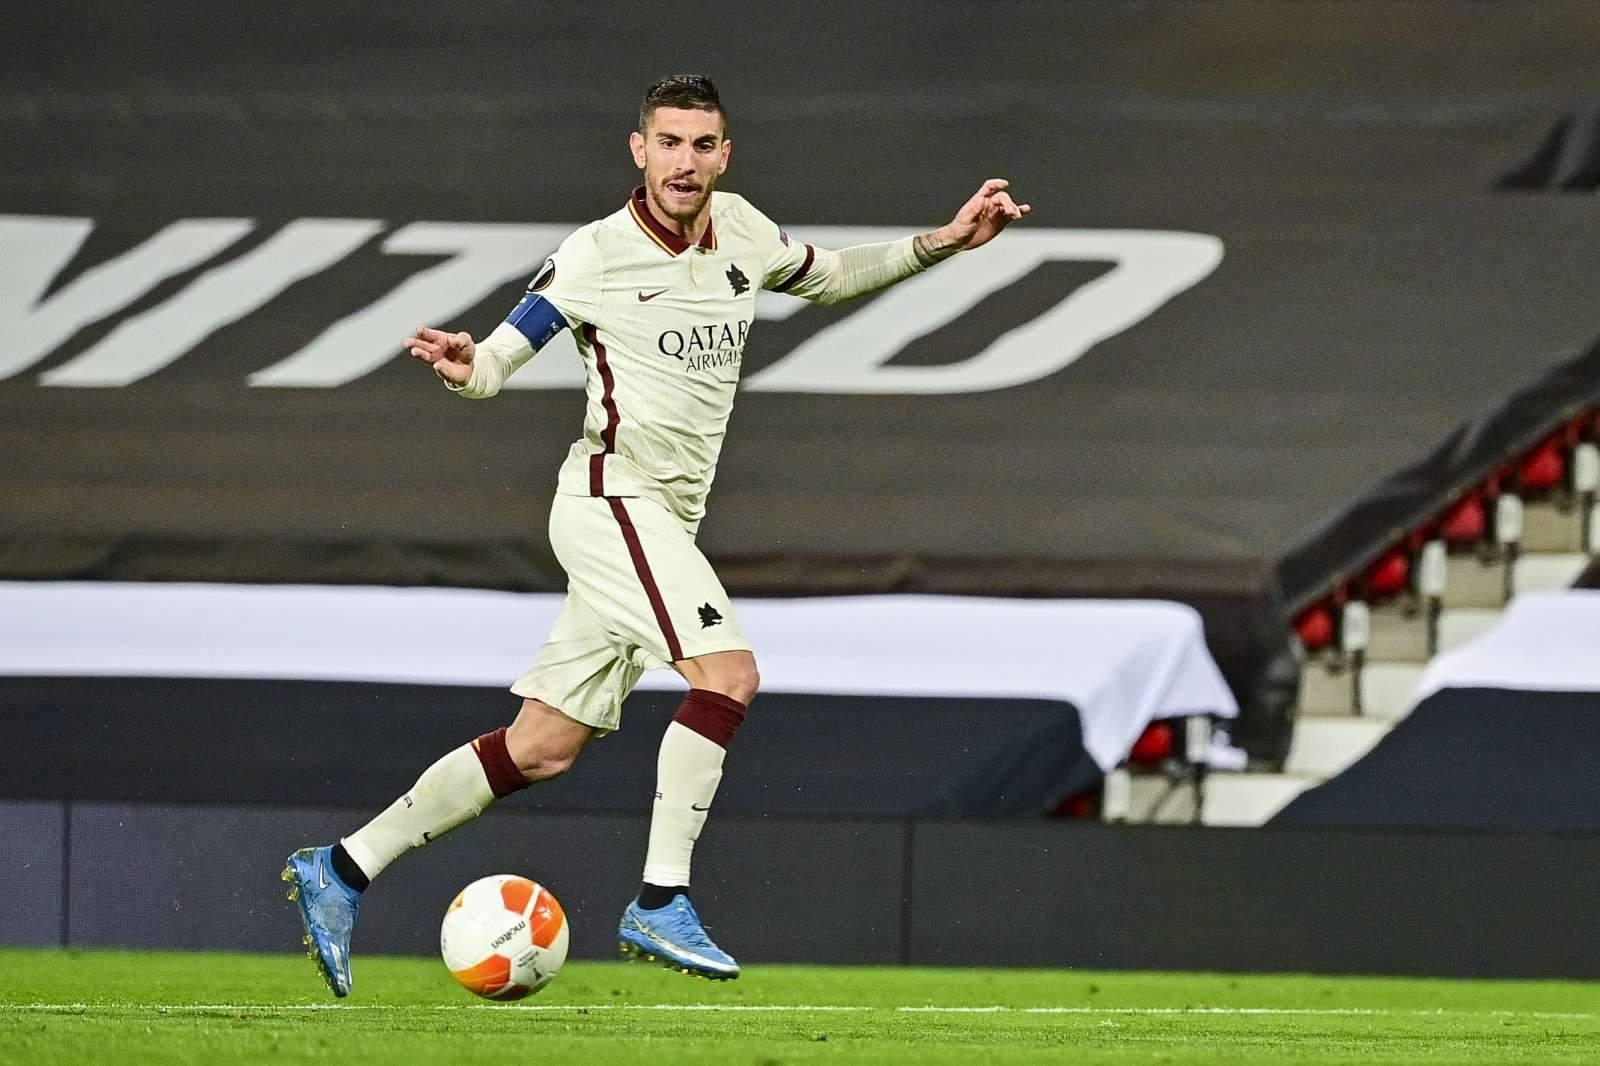 Пеллегрини - первый футболист, забивший в Лиге чемпионов, Лиге Европы и Лиге конференций